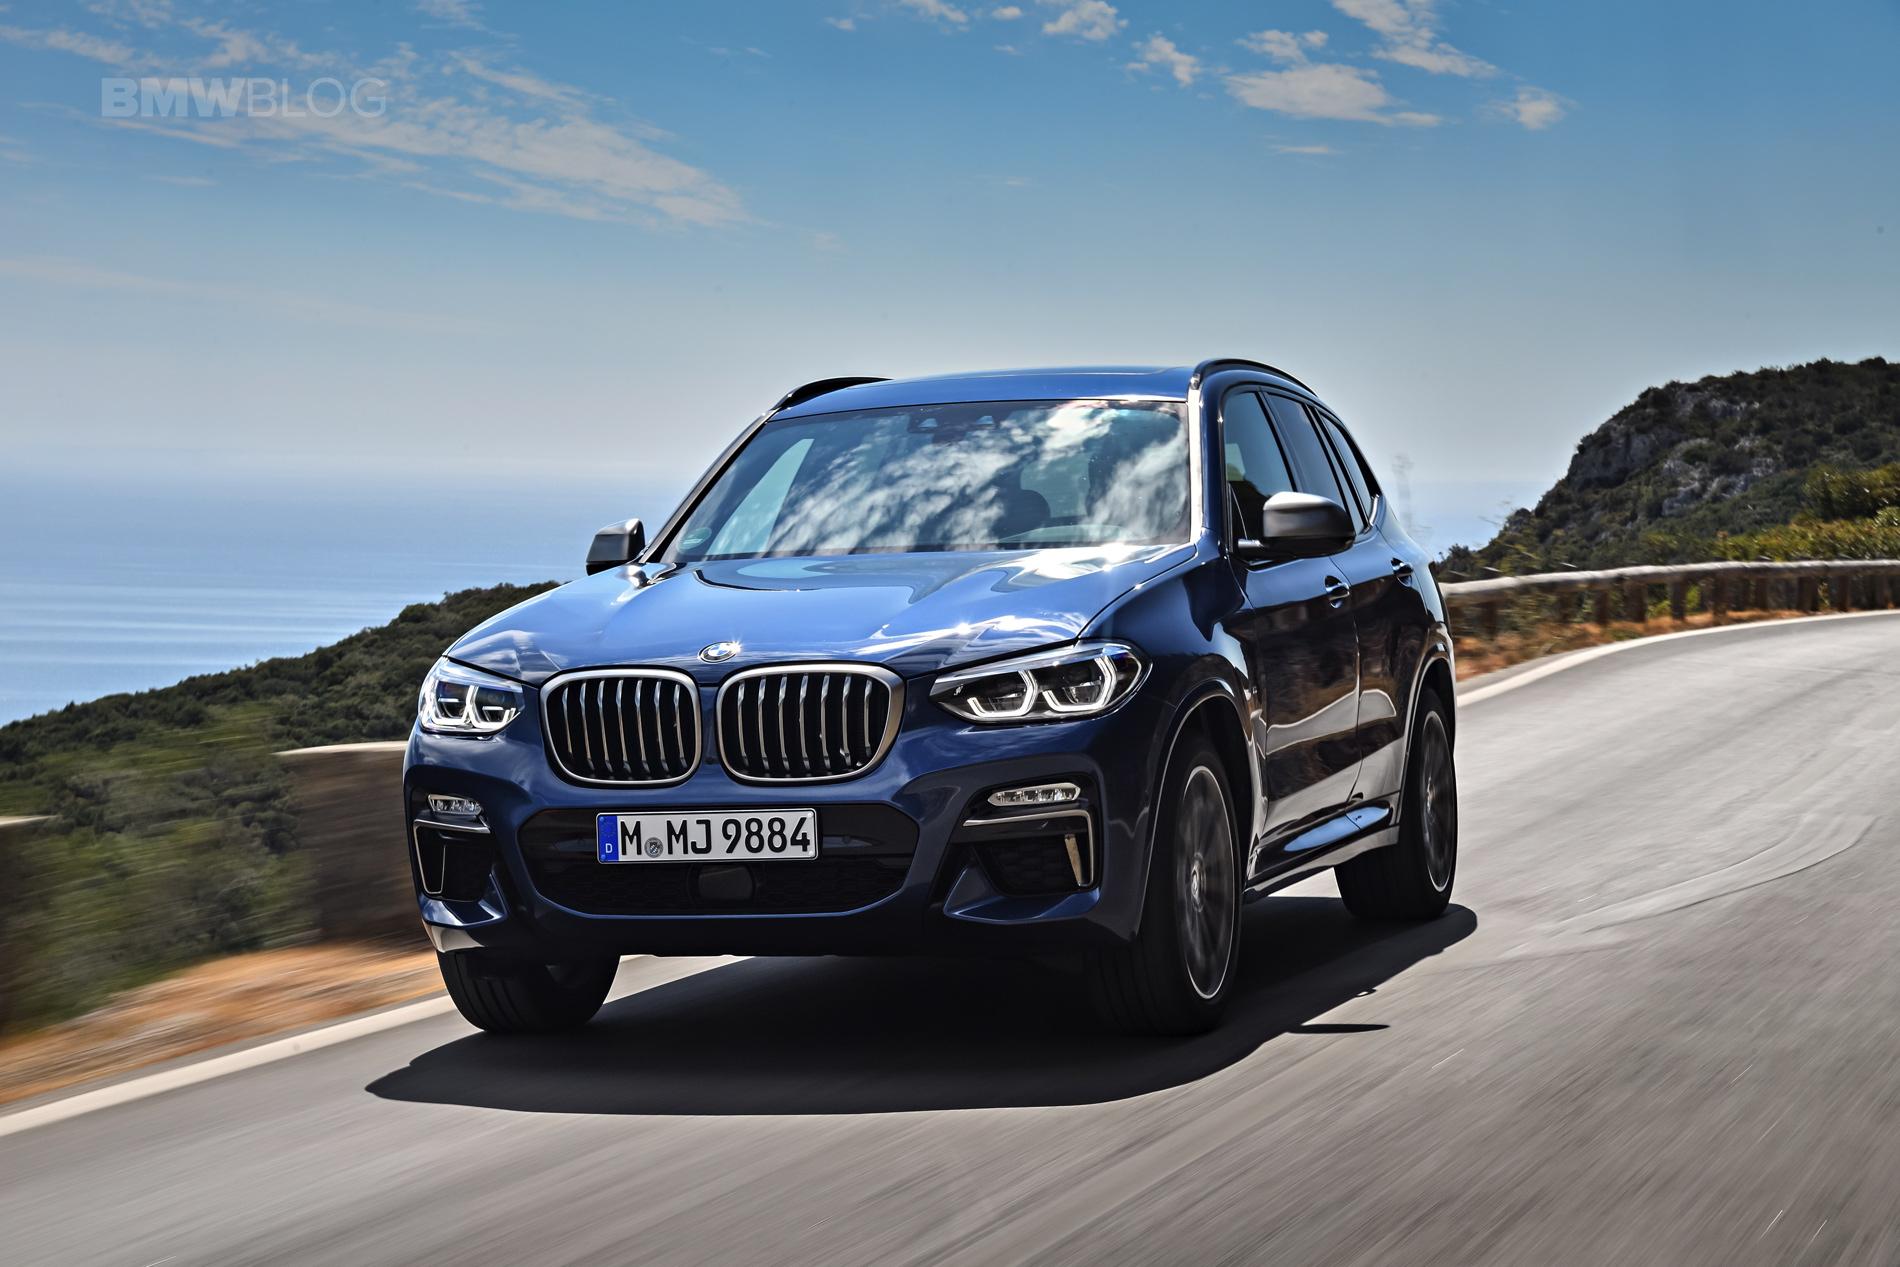 2018 BMW X3 M40i photoshoot 89